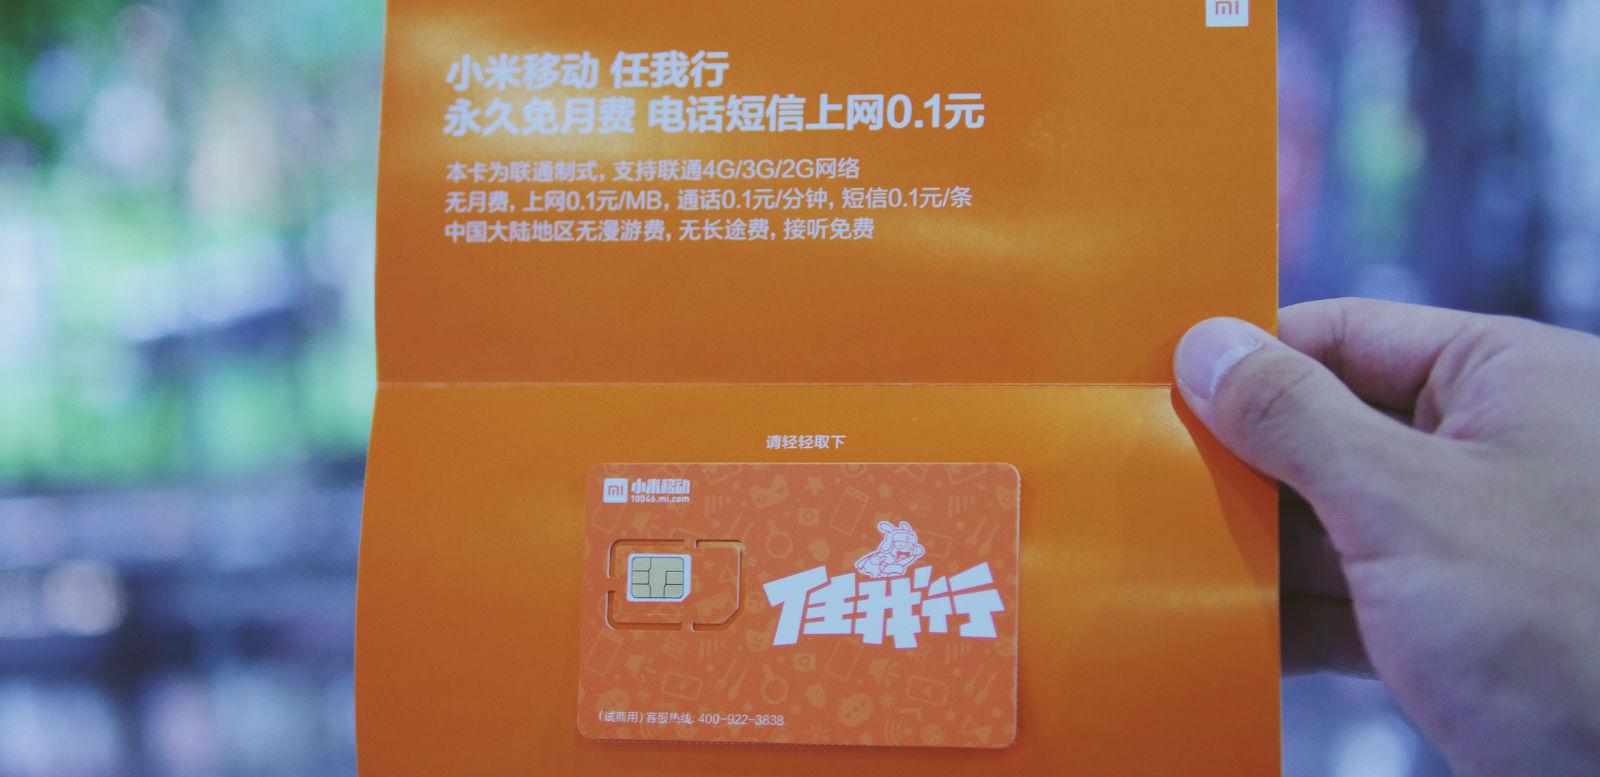 零月租最便宜的小米电话卡,你会为它配台备用机吗?